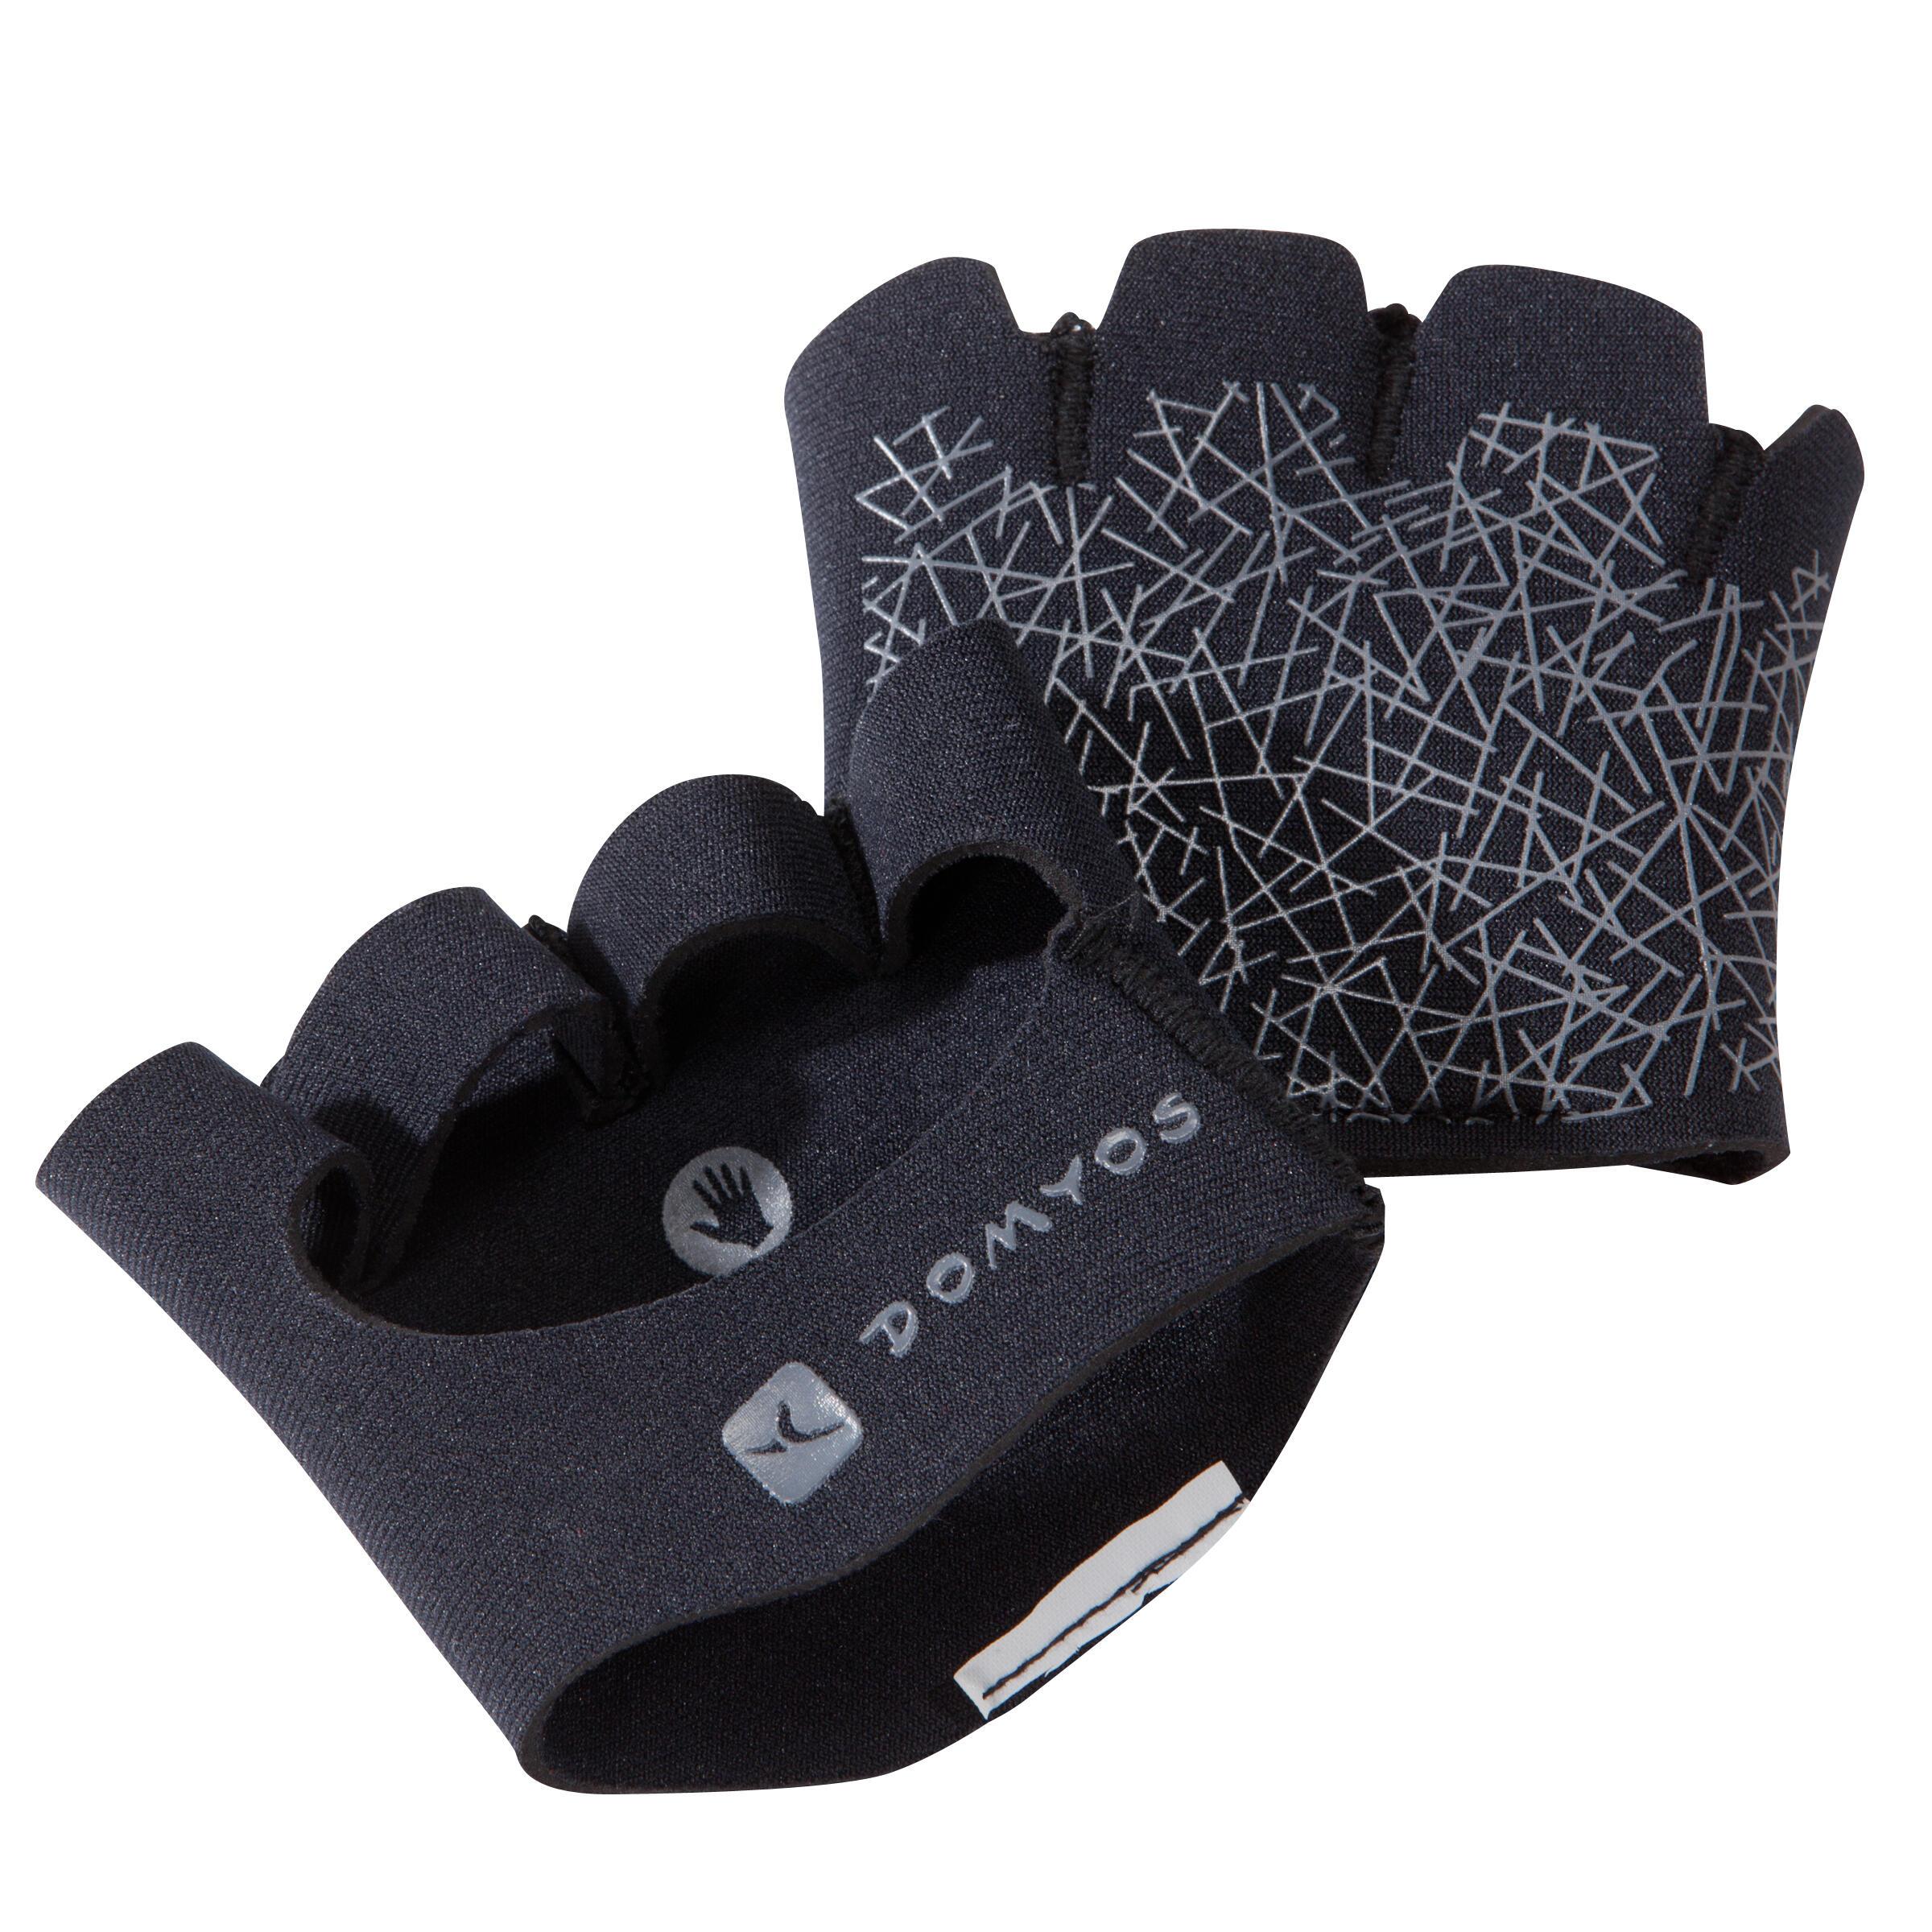 Mănuși Bodybuilding Pad imagine